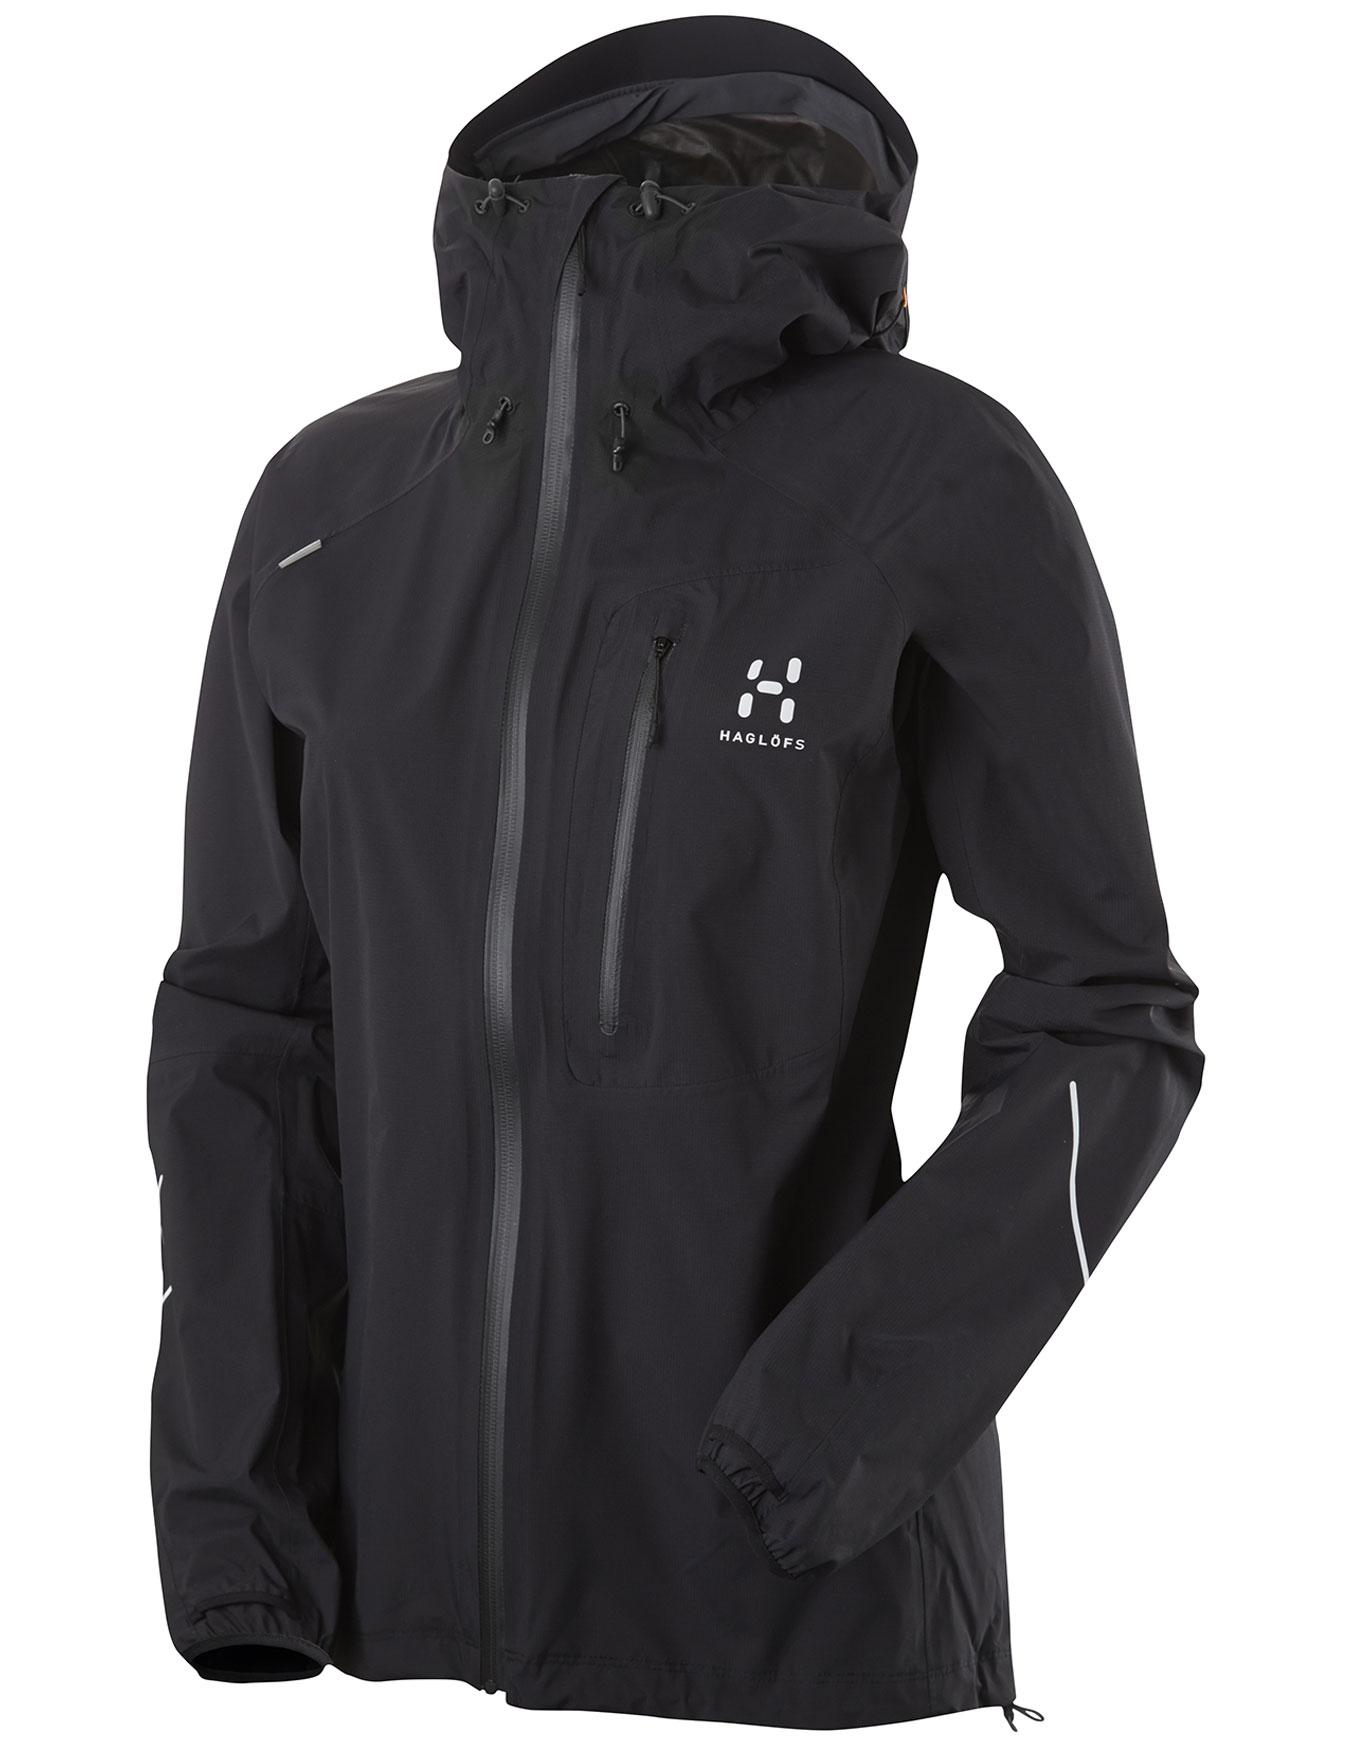 Haglofs   veste Haglofs, doudoune, pantalon et chaussures Haglofs -  Snowleader b9ef450ddf5d